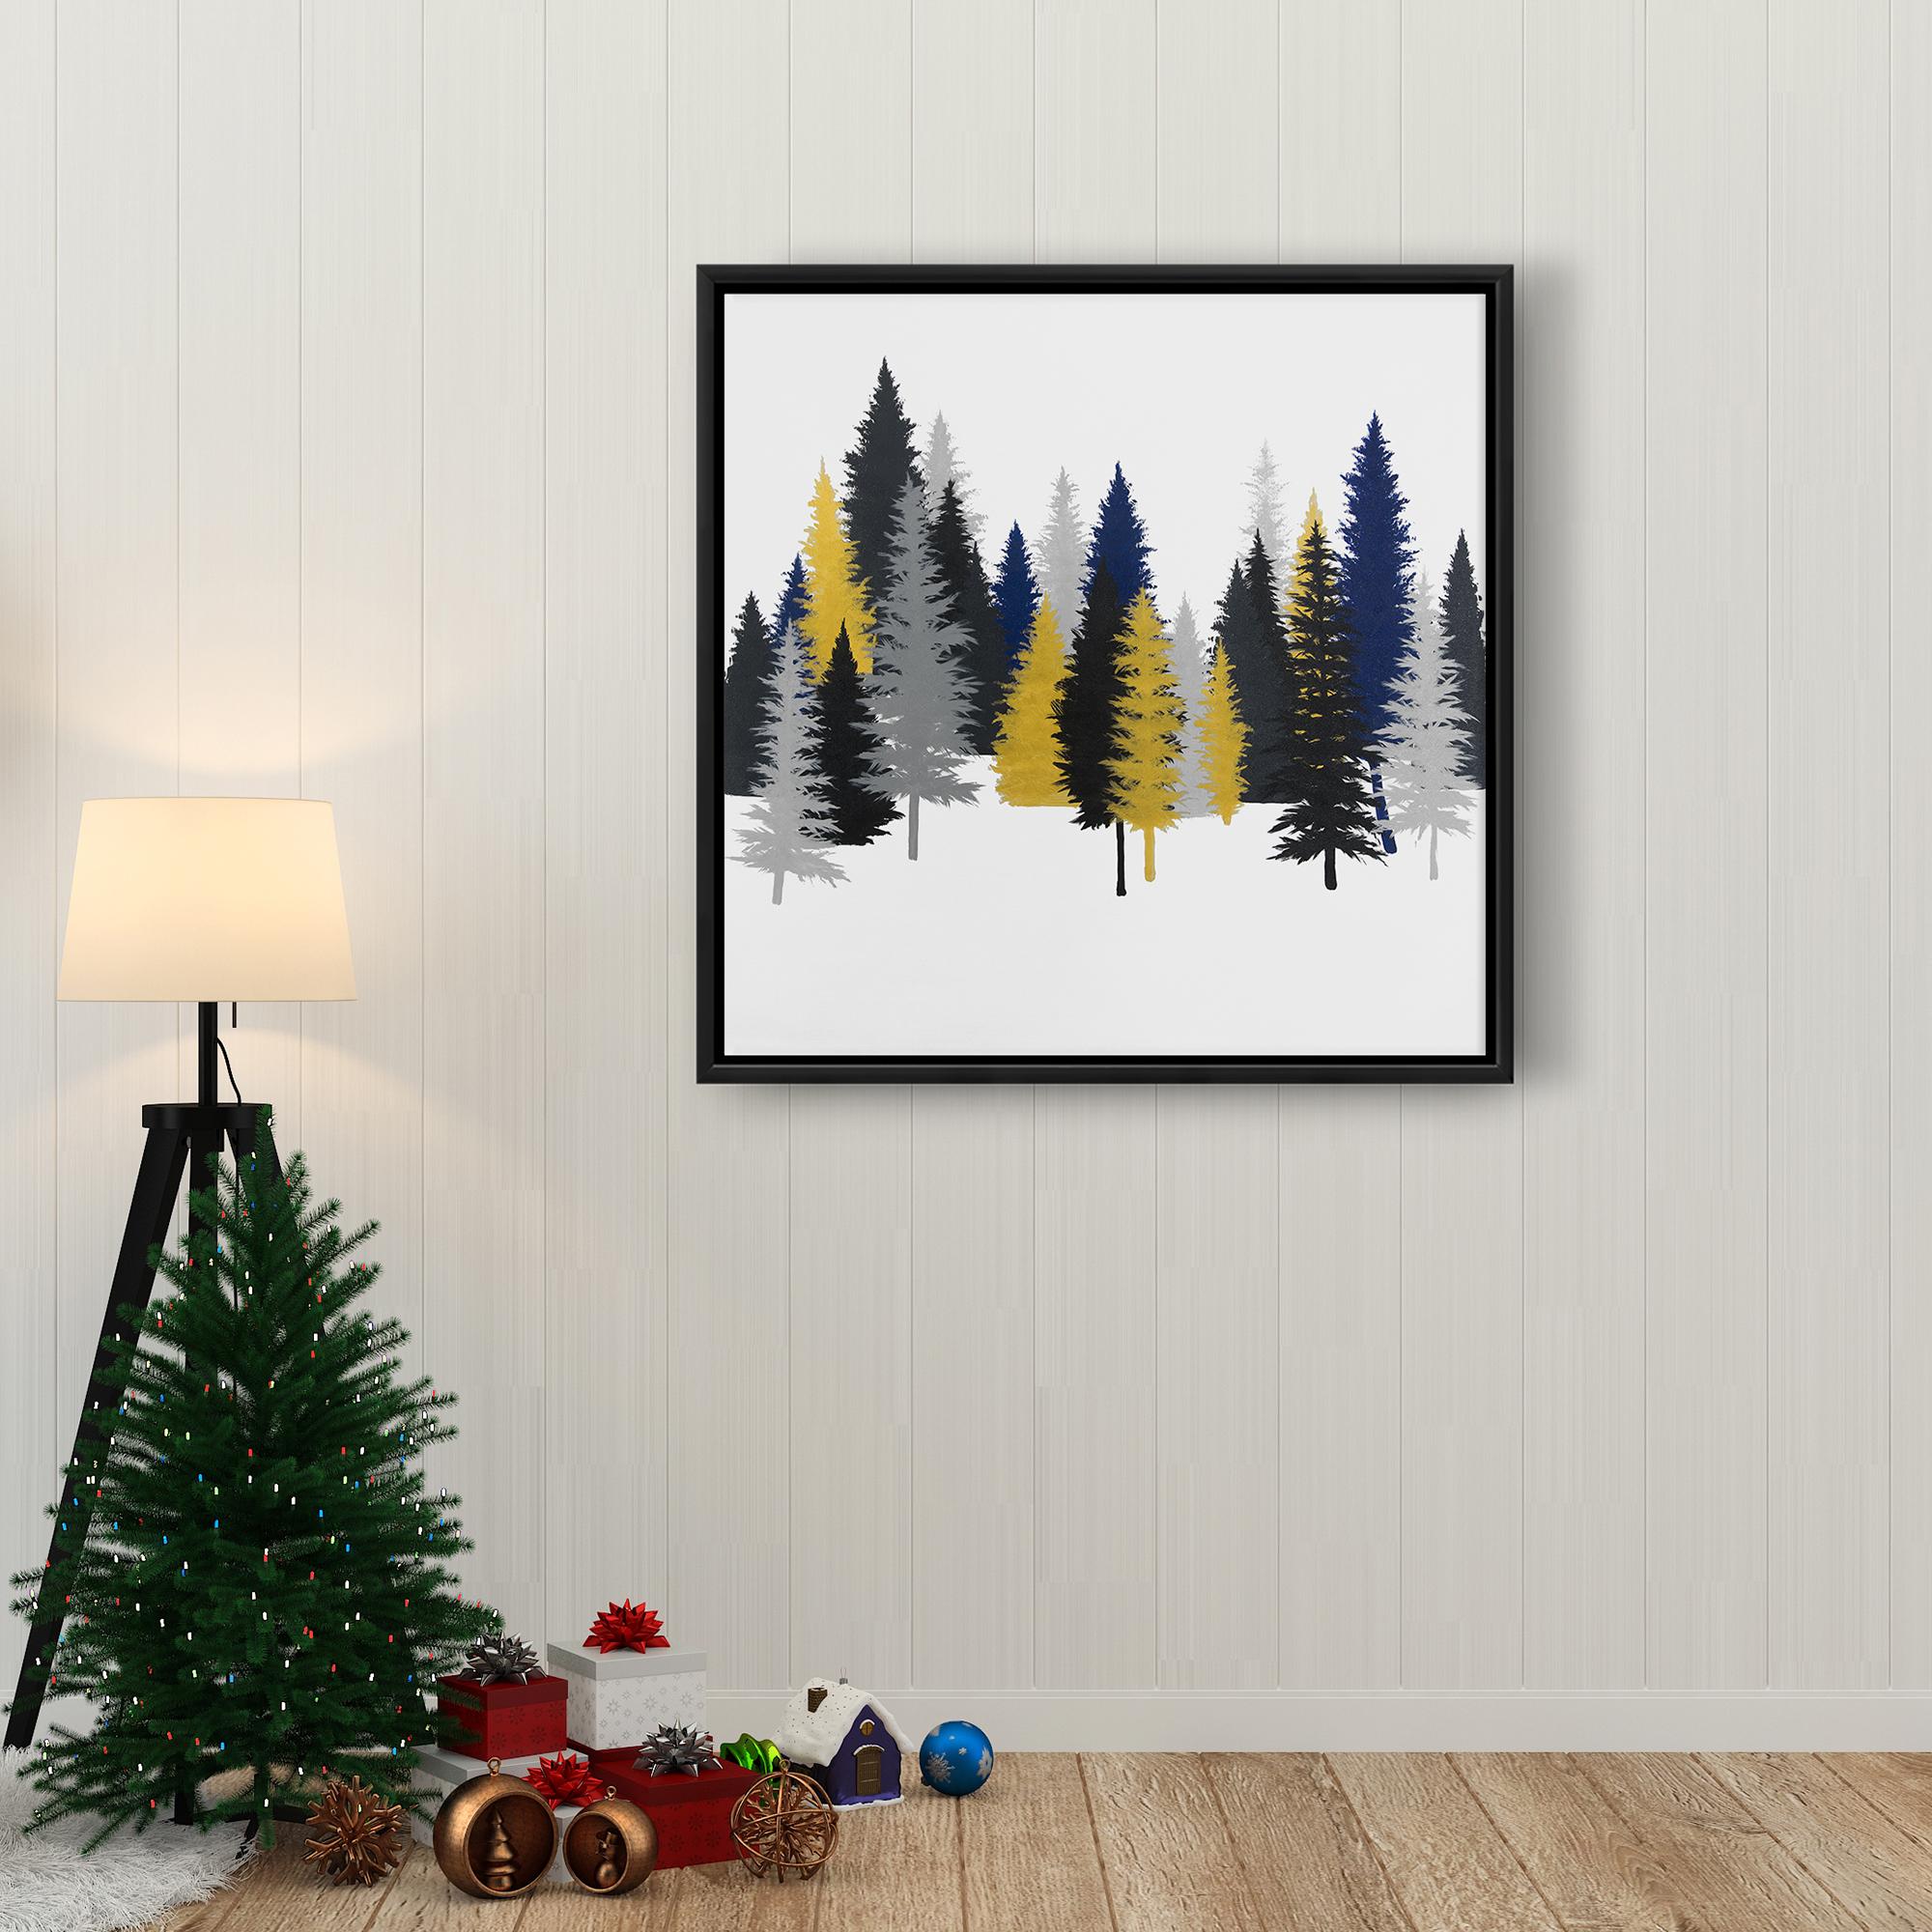 Framed 24 x 24 - Golden fir